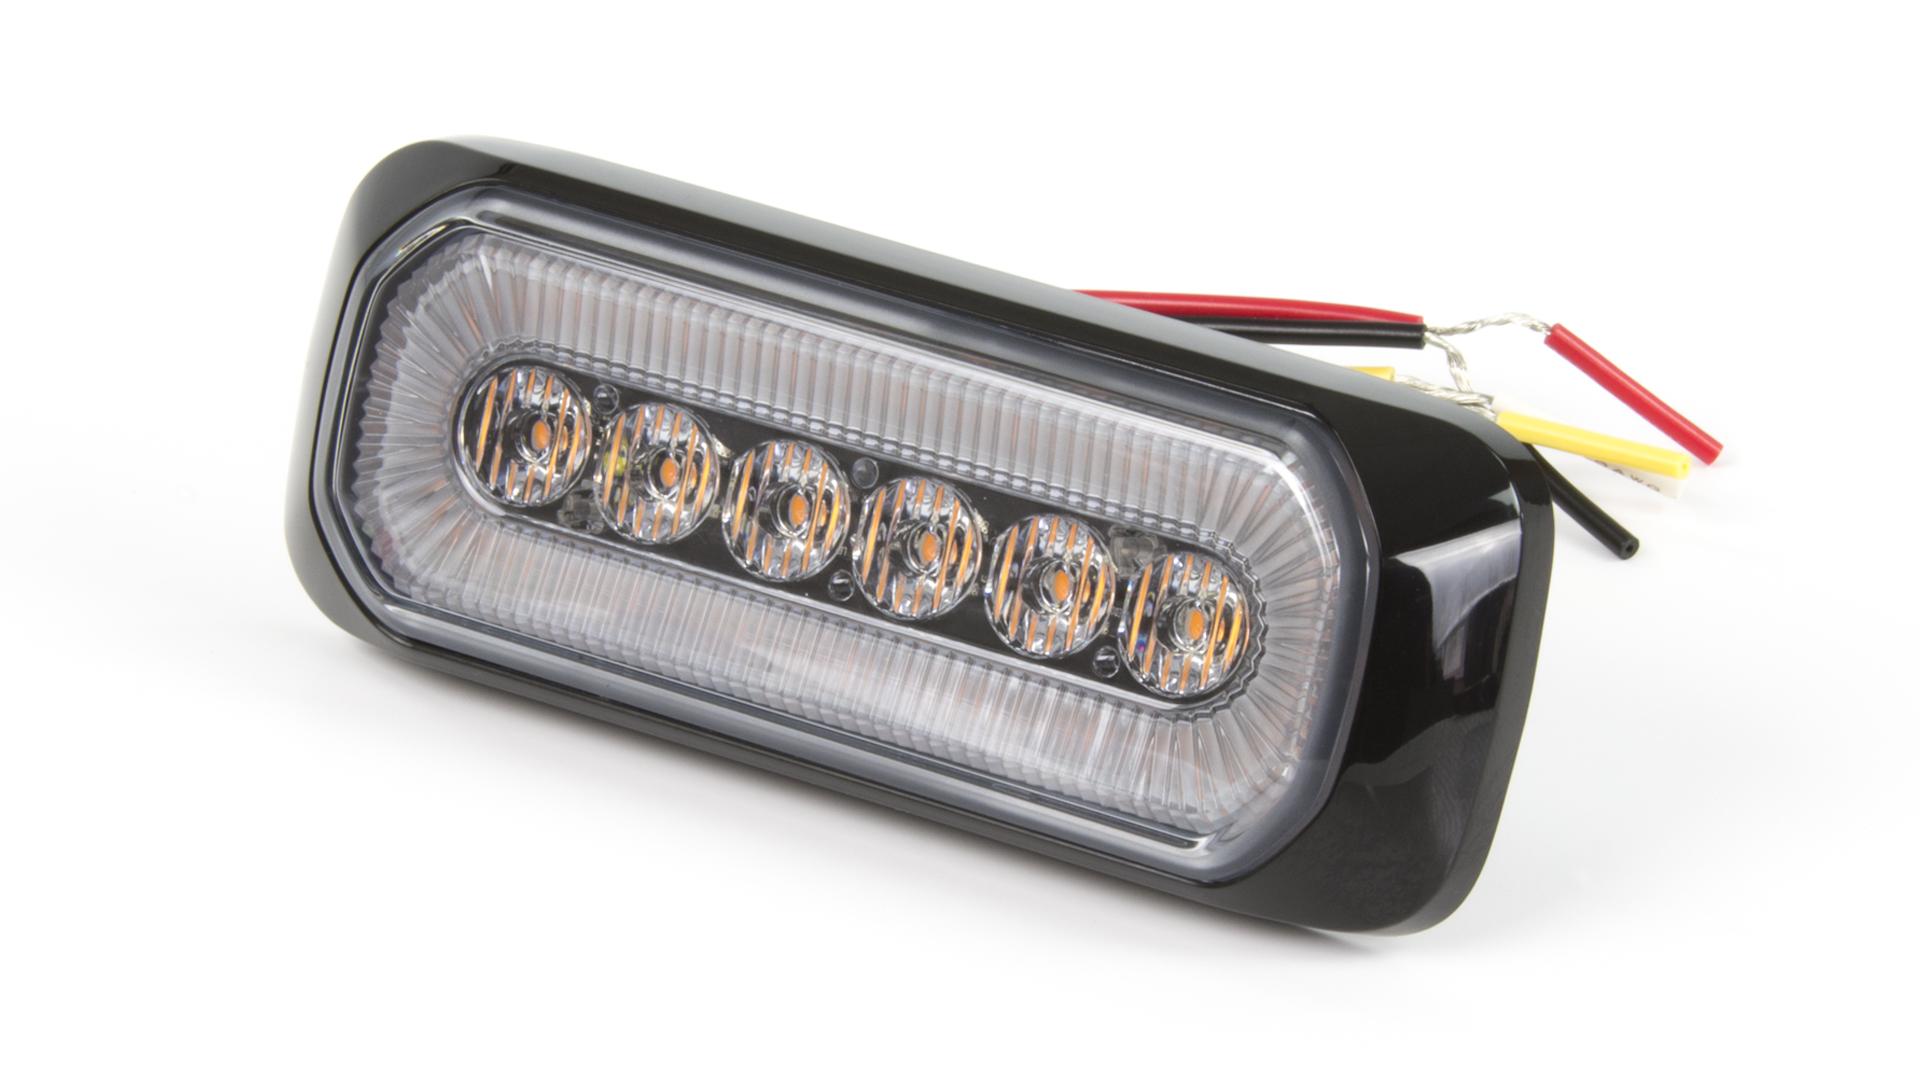 Halo Blitz HB6 LED warning lamp